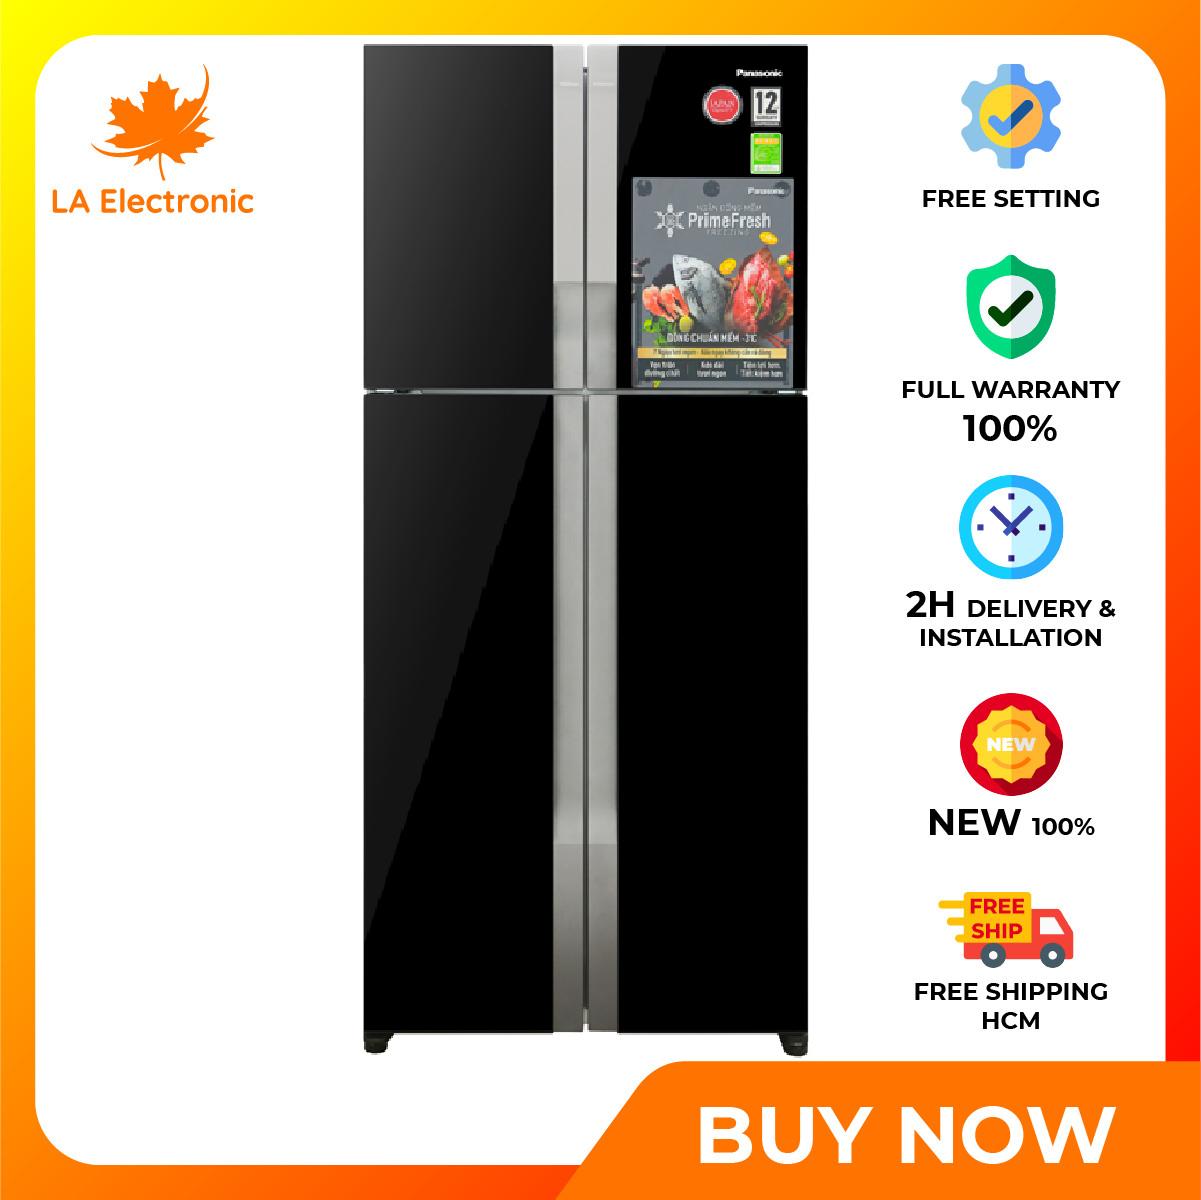 Trả Góp 0% – Panasonic Inverter 550 liter refrigerator NR-DZ600GKVN, thiết kế thông minh, công nghệ hiện đại, hoạt động mạnh mẽ và bền bỉ, có chế độ bảo hành và xuất xứ rõ ràng – Miễn phí vận chuyển HCM